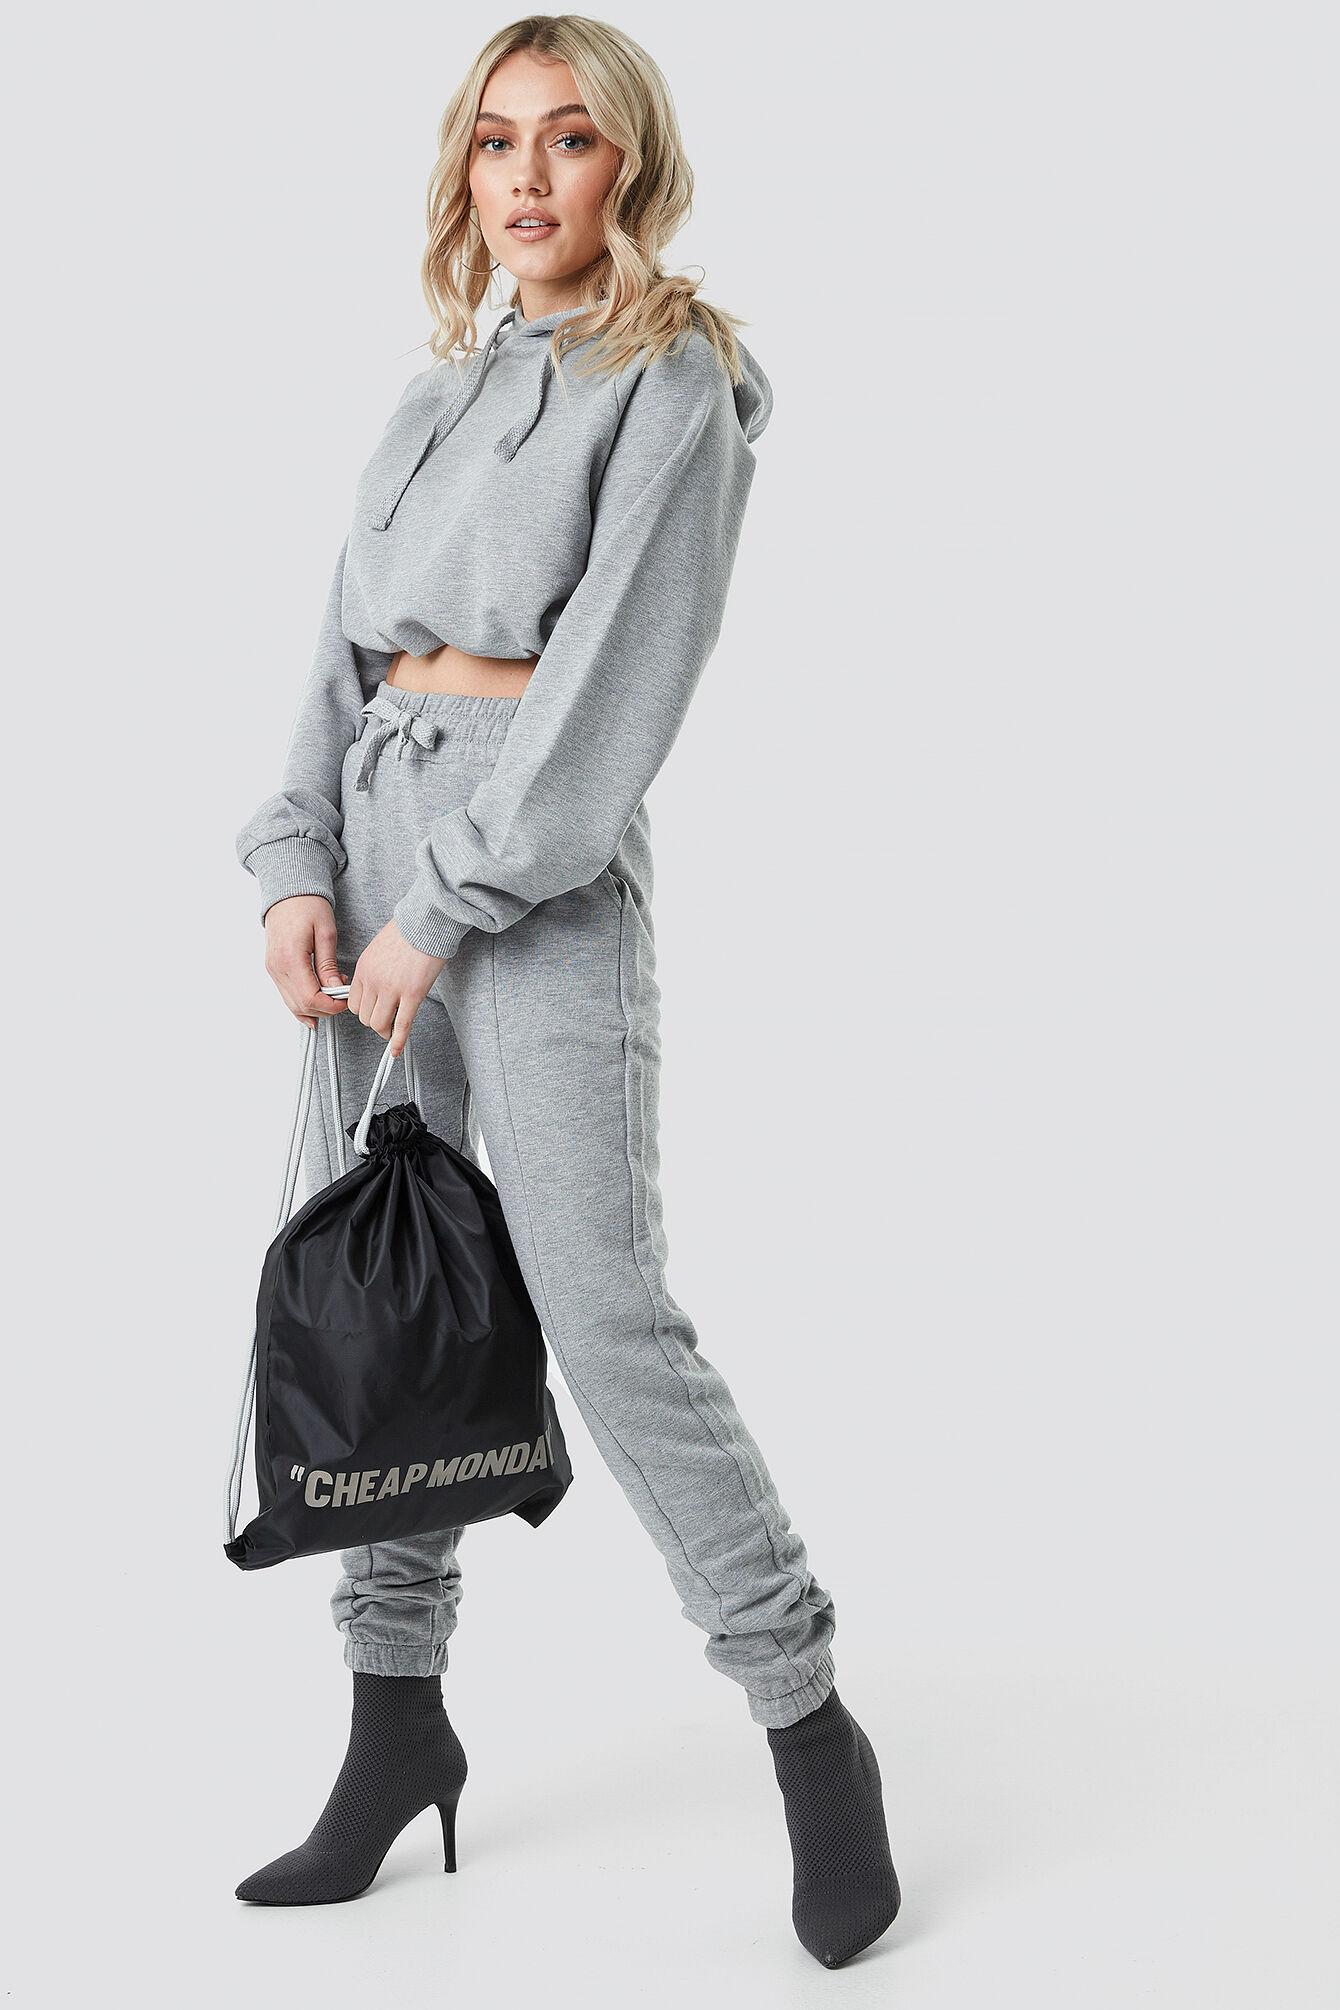 Cheap Monday Rapid Gym Bag Cheap Review - Black